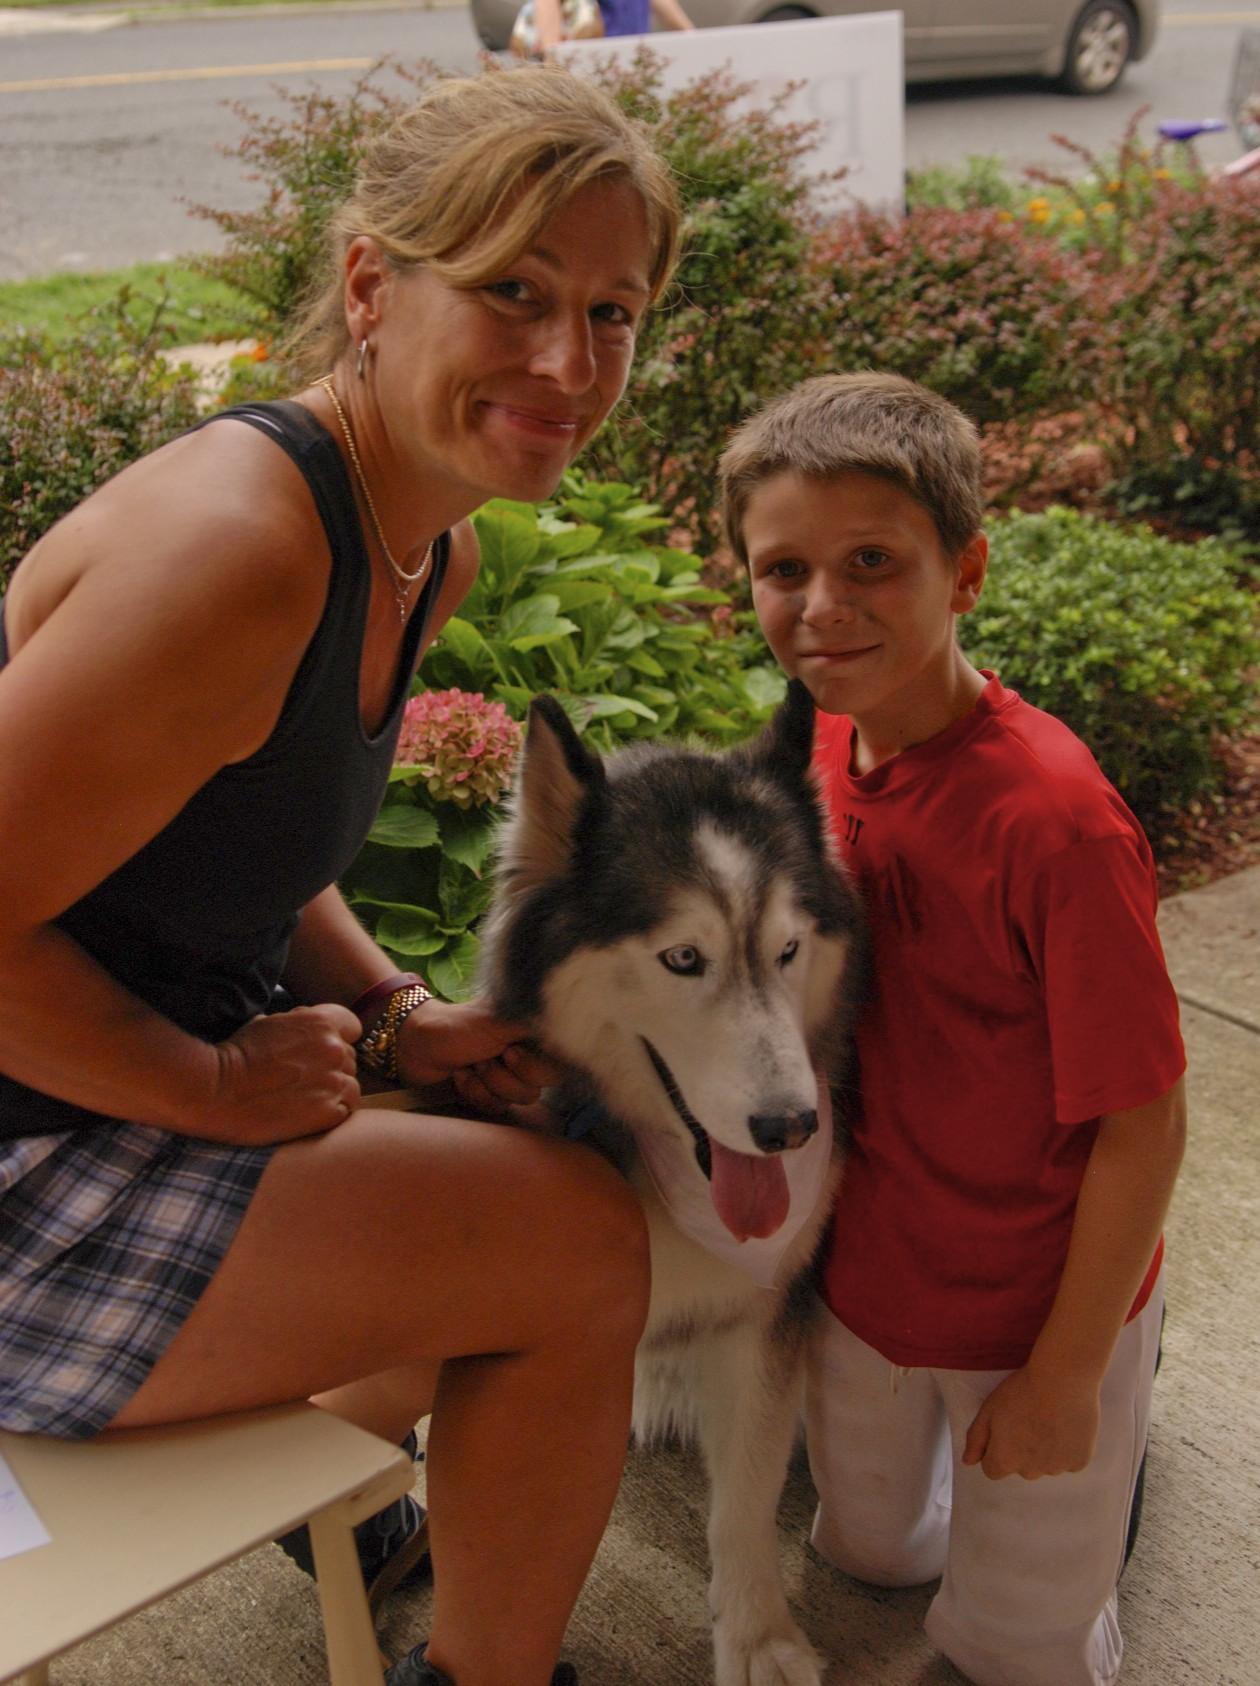 Adopt_A_Pet_9-25-11-0043.jpg